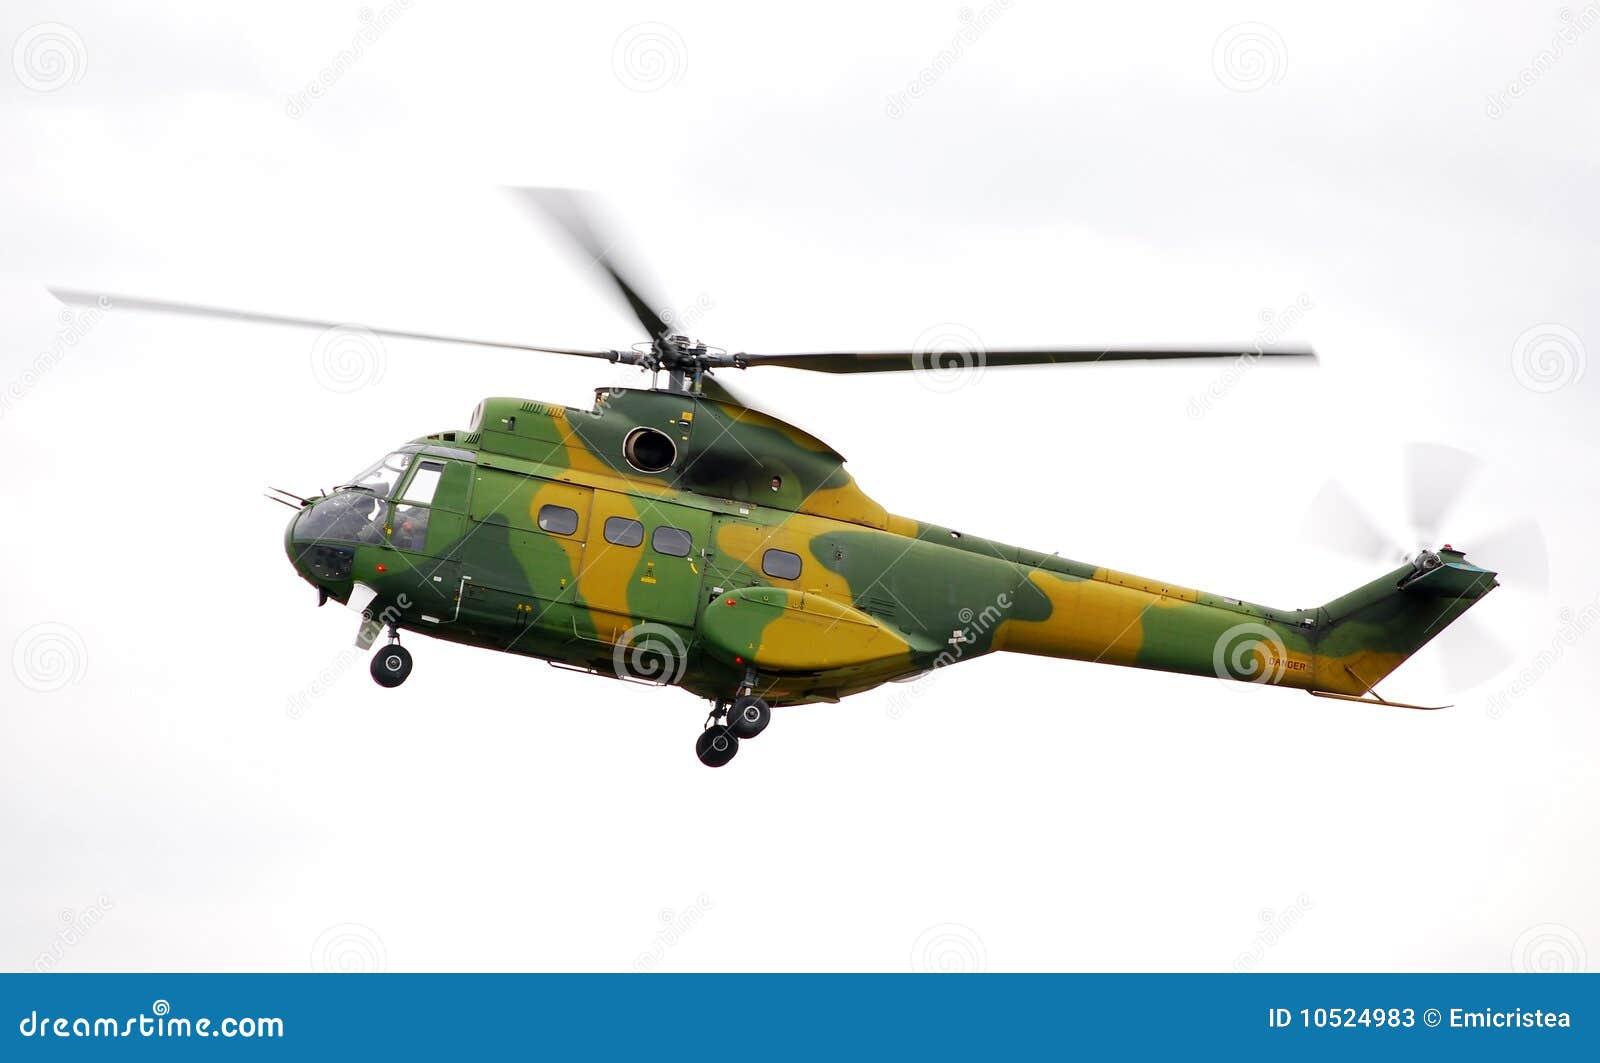 Elicottero Militare : Elicottero militare immagine stock di